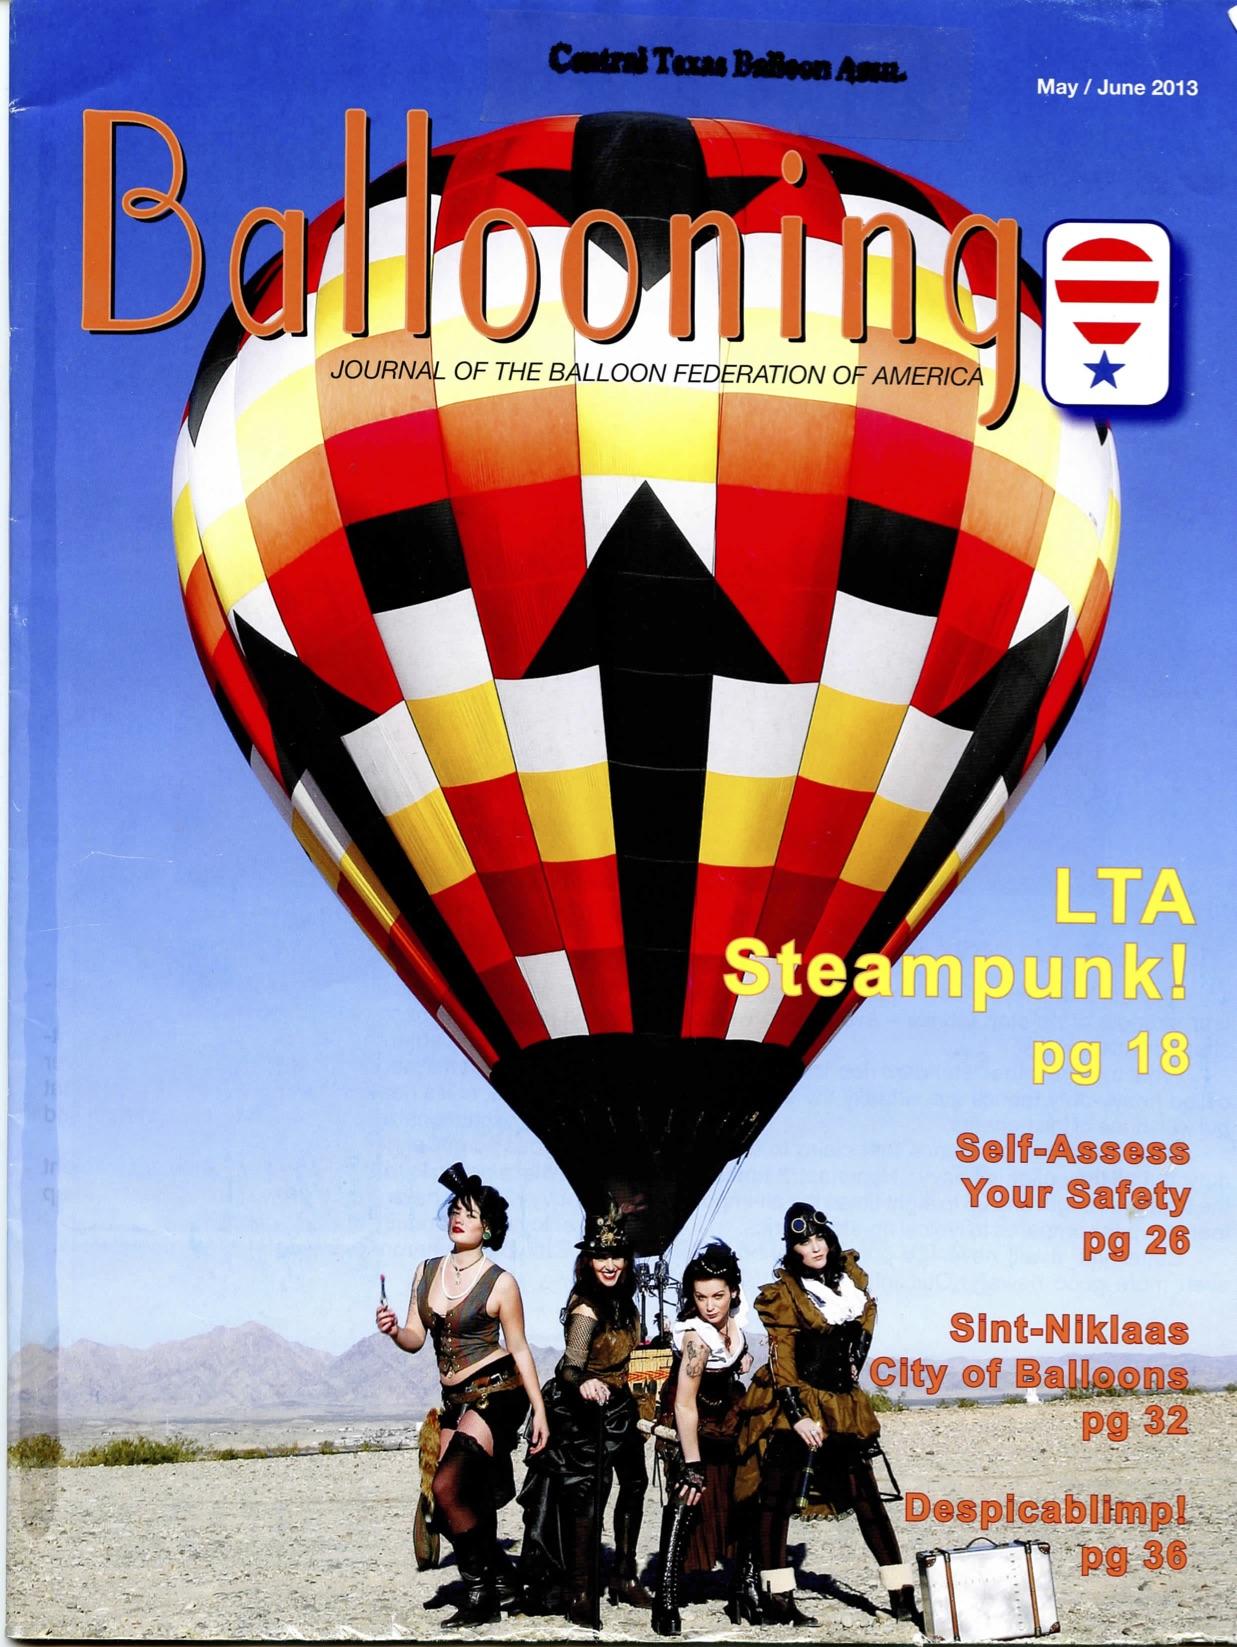 BFA_Magazine_covers May 2013.jpg